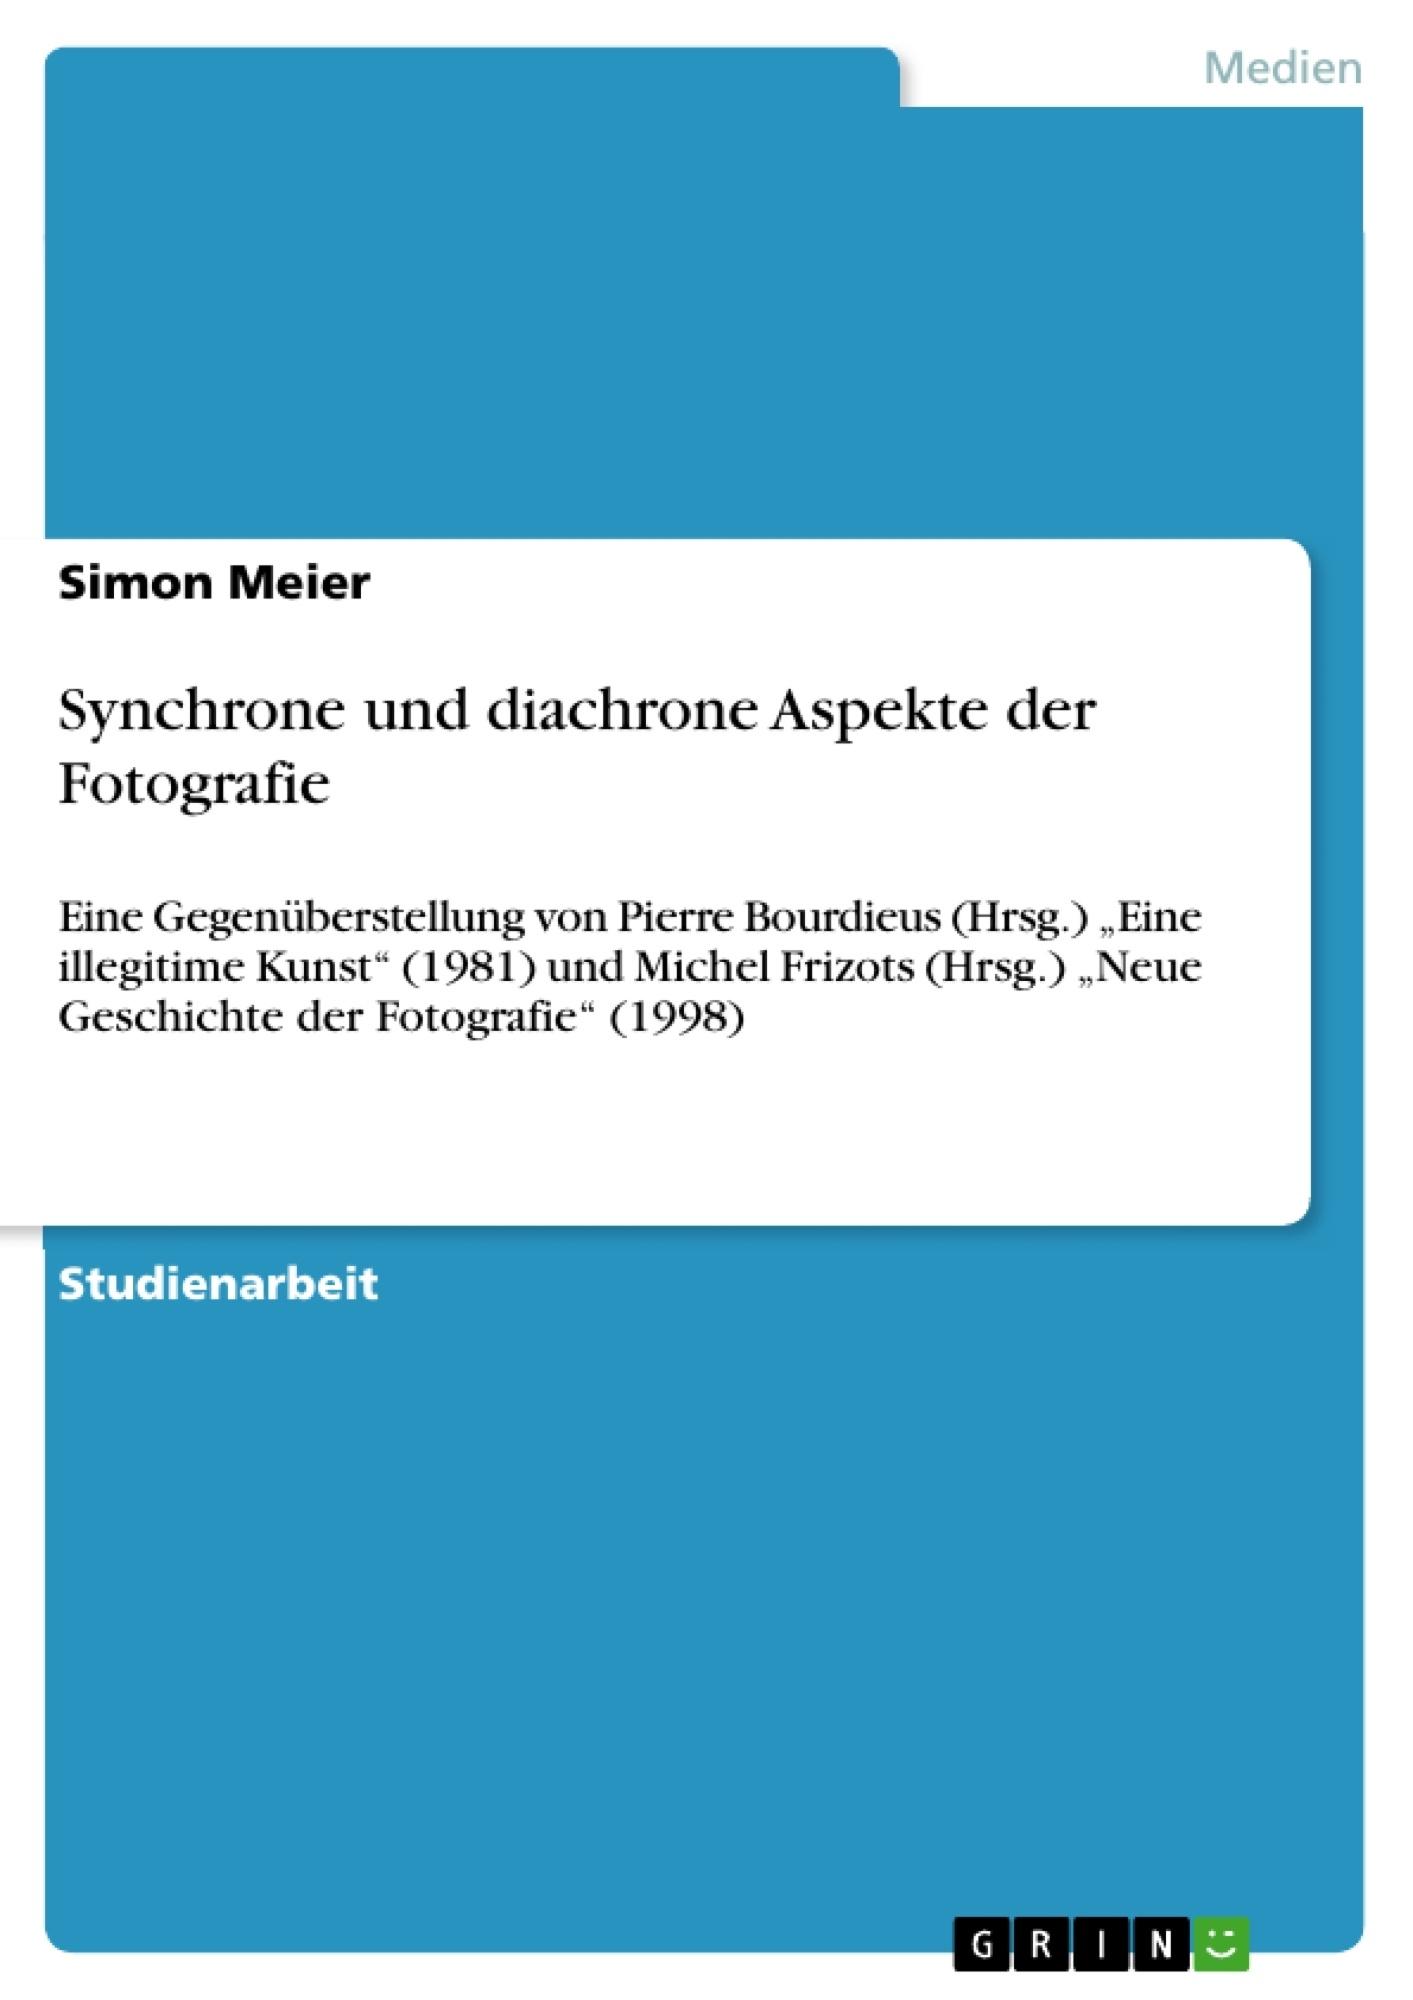 Titel: Synchrone und diachrone Aspekte der Fotografie